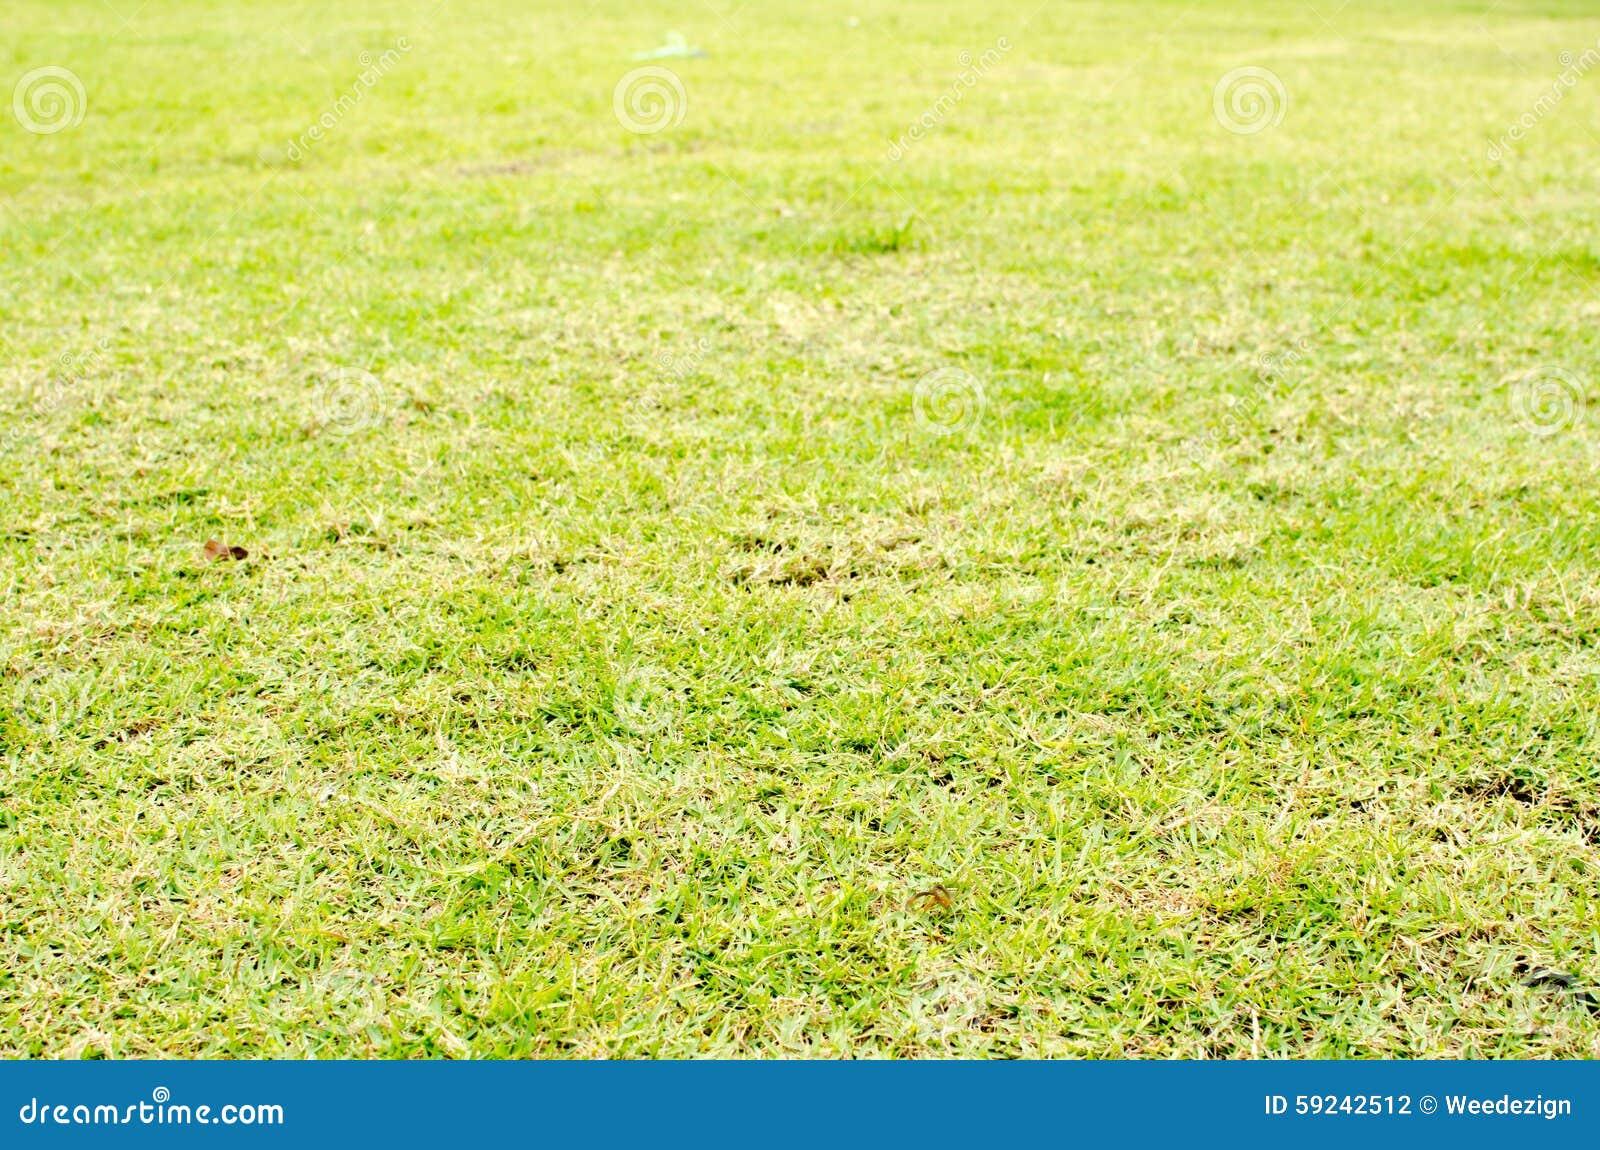 Download Fondo De La Textura De La Hierba Verde De La Perspectiva, Fondo Natural Foto de archivo - Imagen de restauración, textura: 59242512